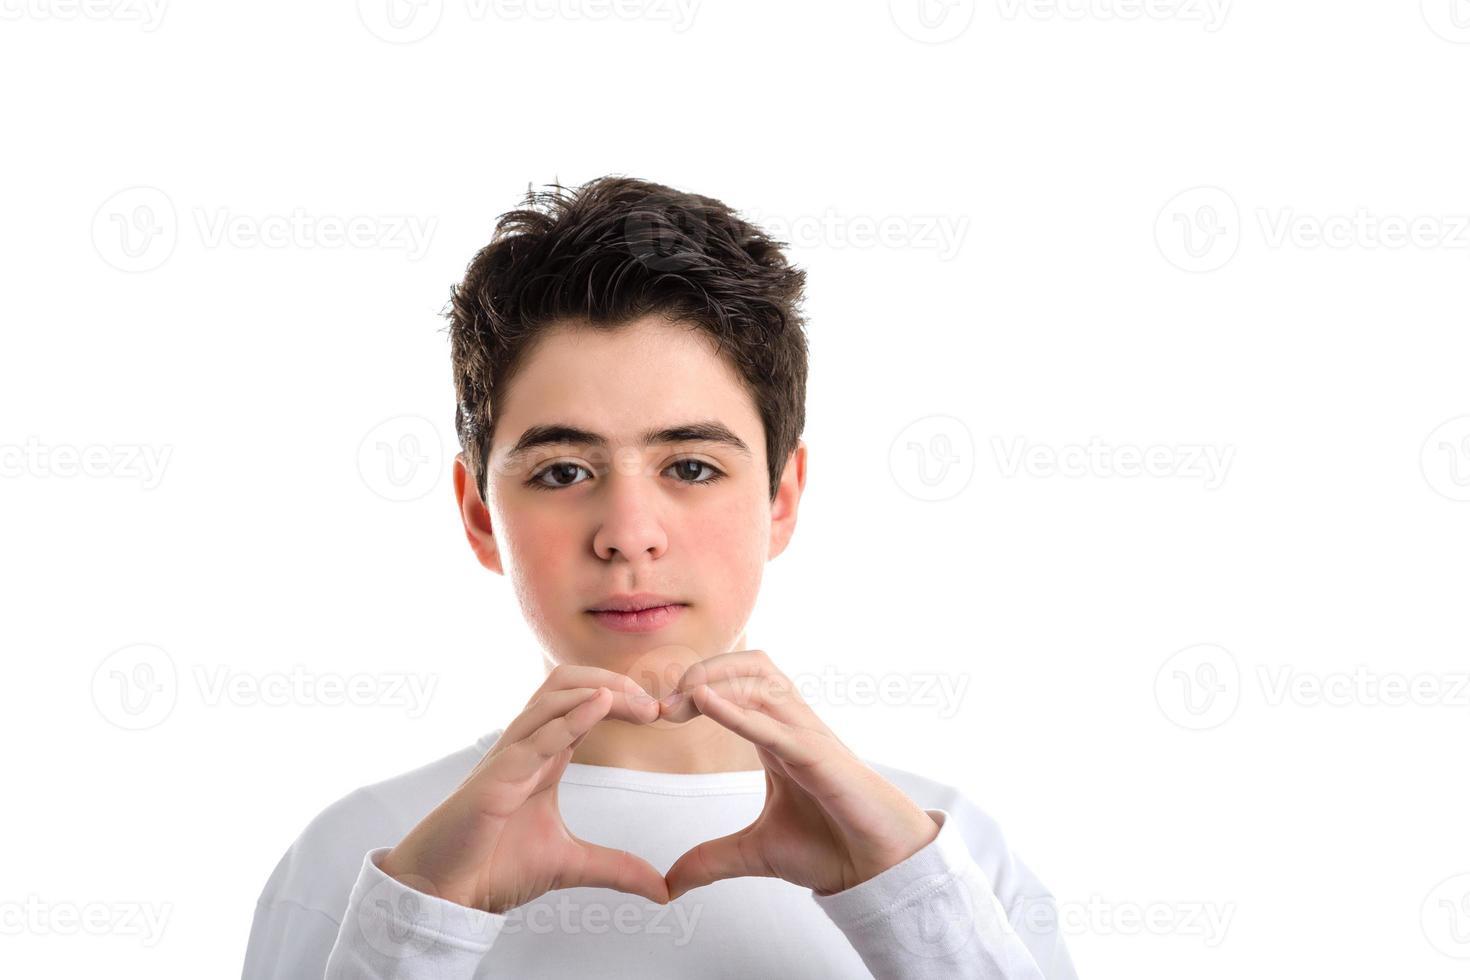 gesto de coração de mão pelo adolescente de pele lisa caucasiano foto